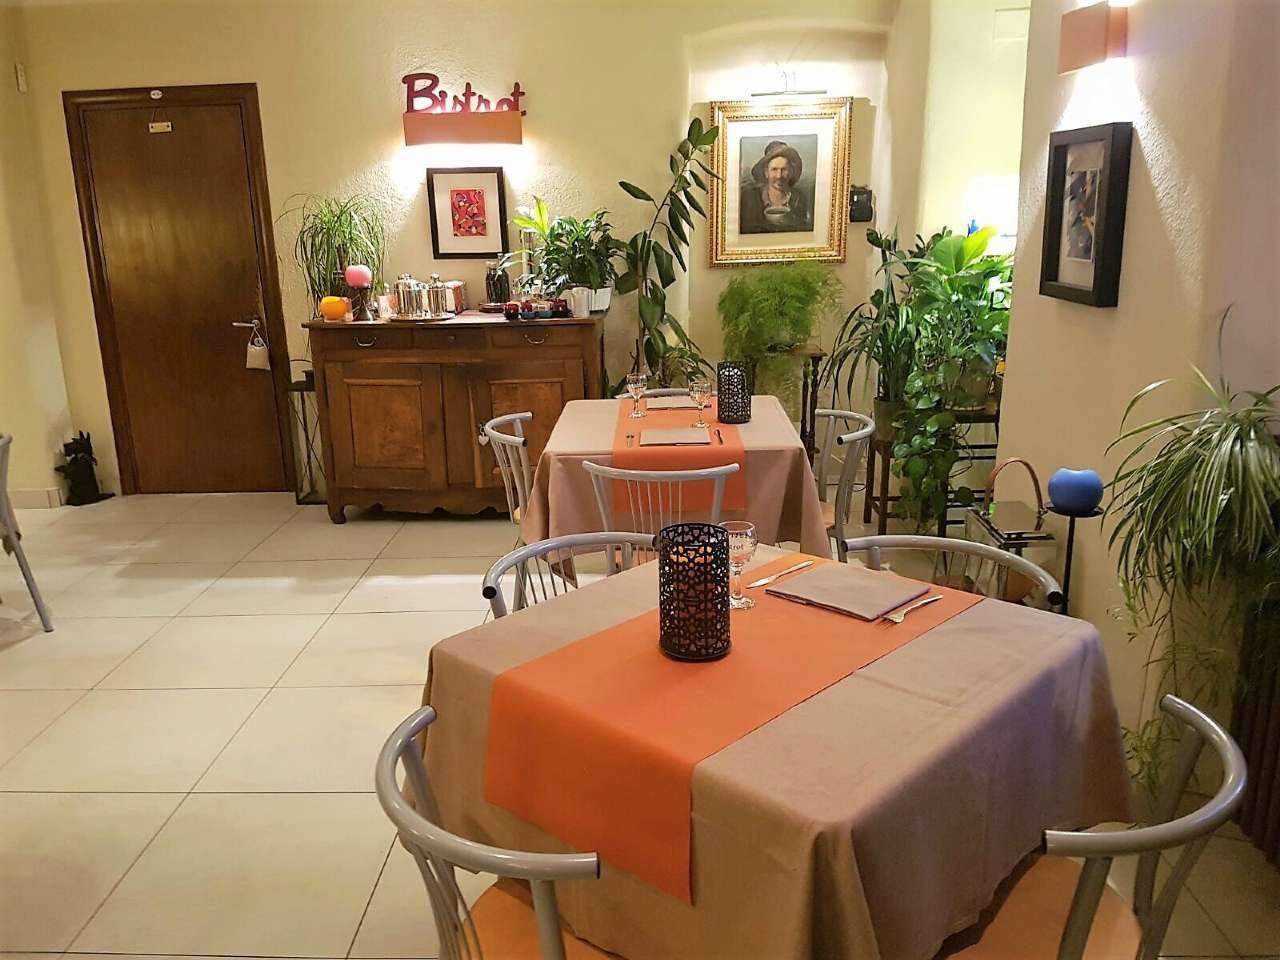 Ristorante / Pizzeria / Trattoria in vendita a Aosta, 3 locali, prezzo € 85.000 | CambioCasa.it